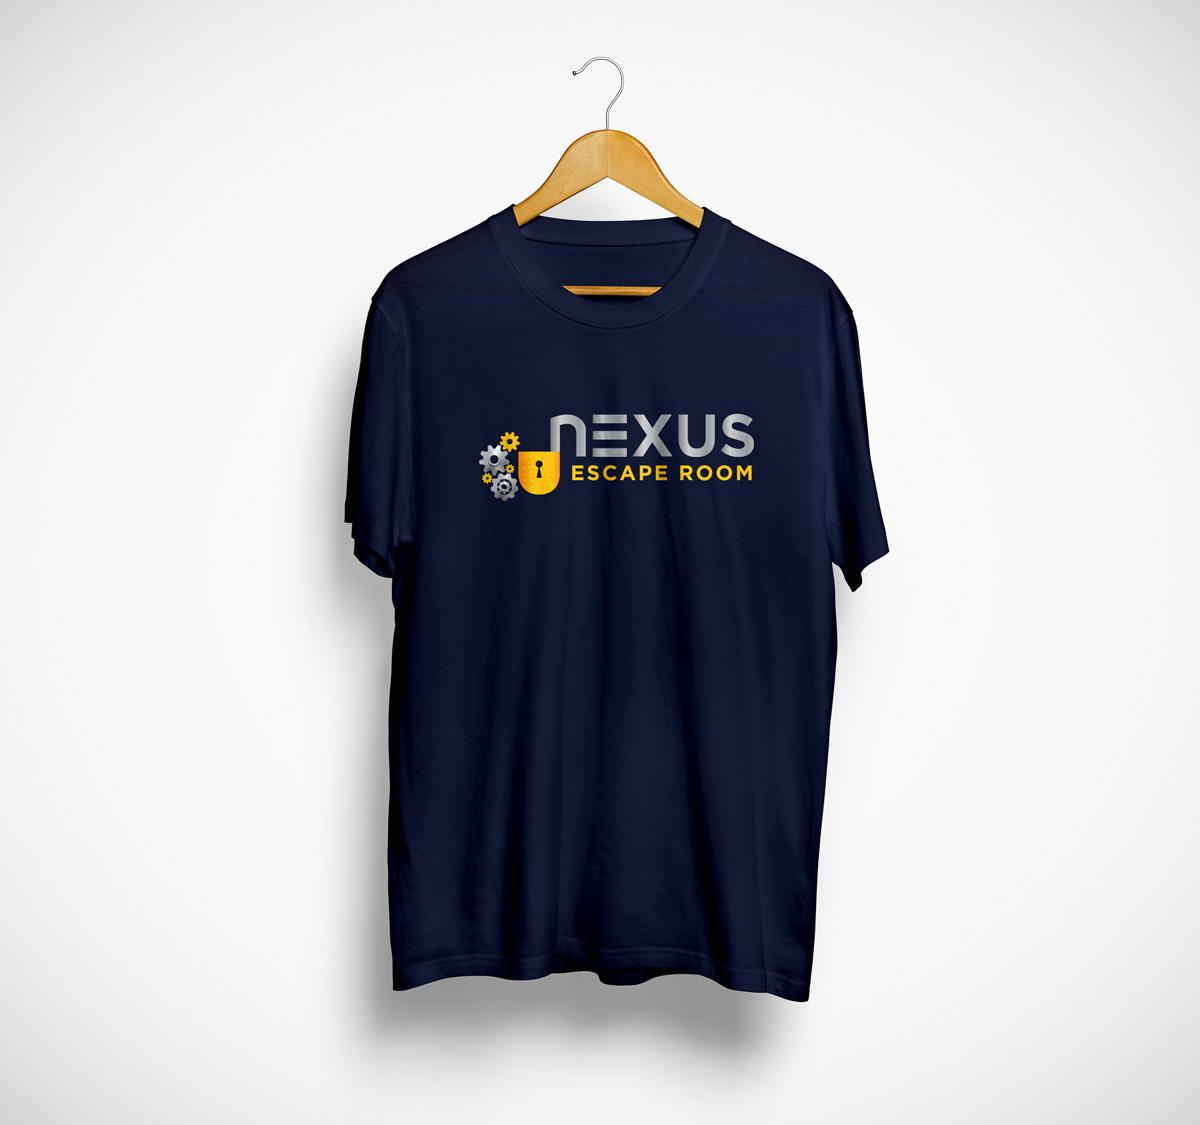 Nexus_T-Shirt-Mock-Up-Front.jpg